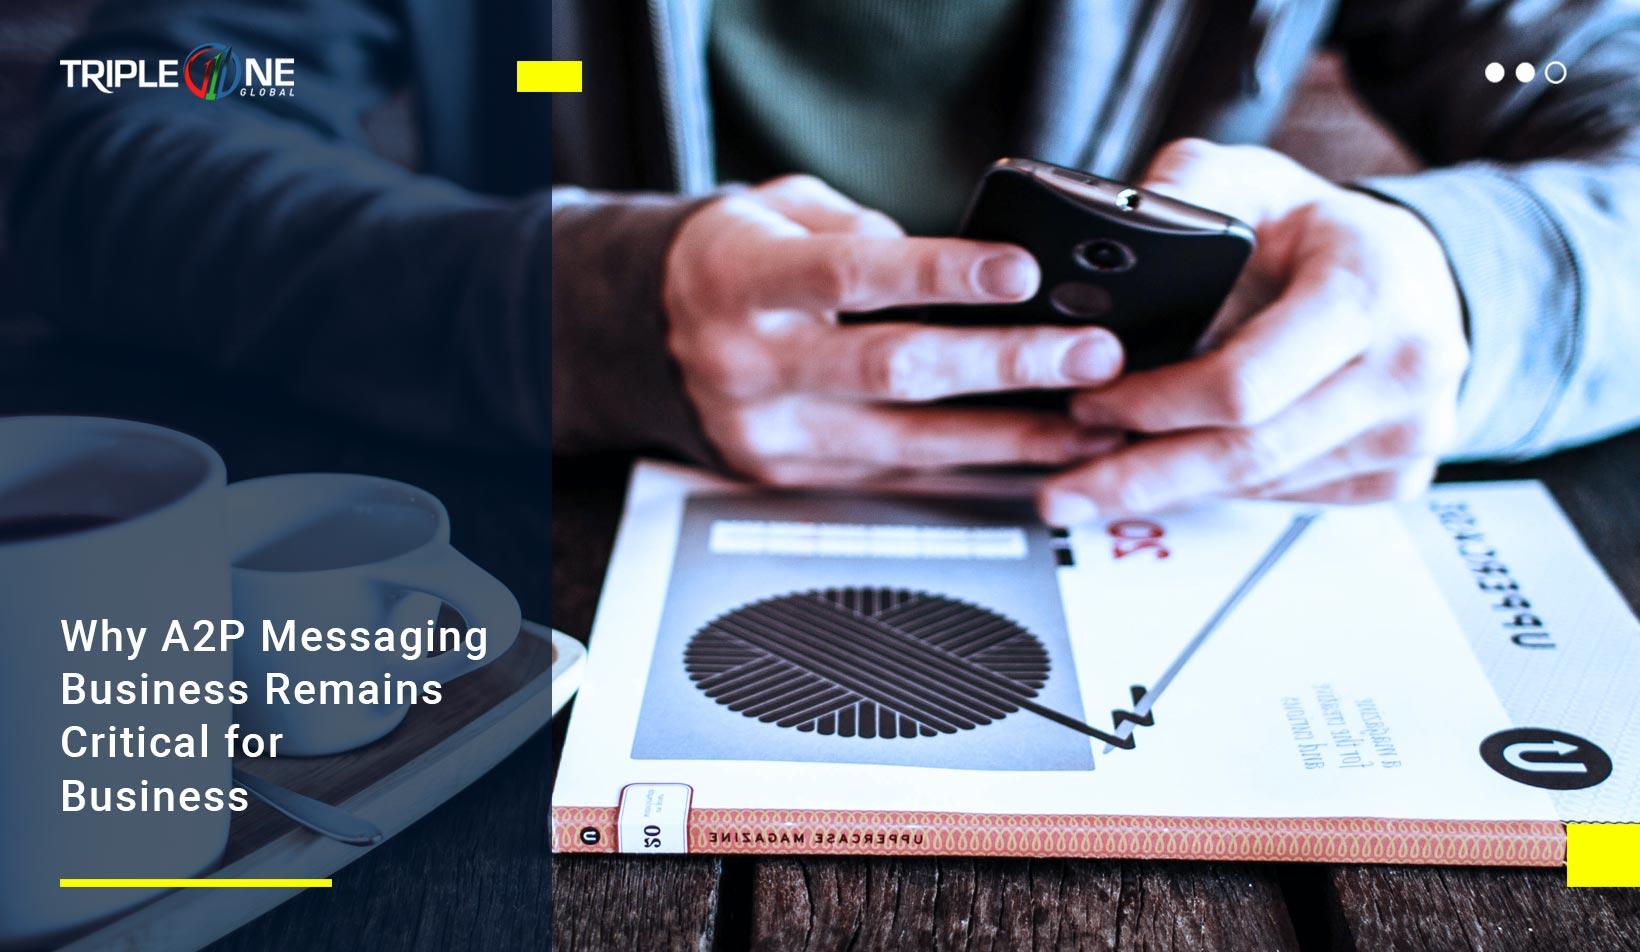 A2P Messaging Business